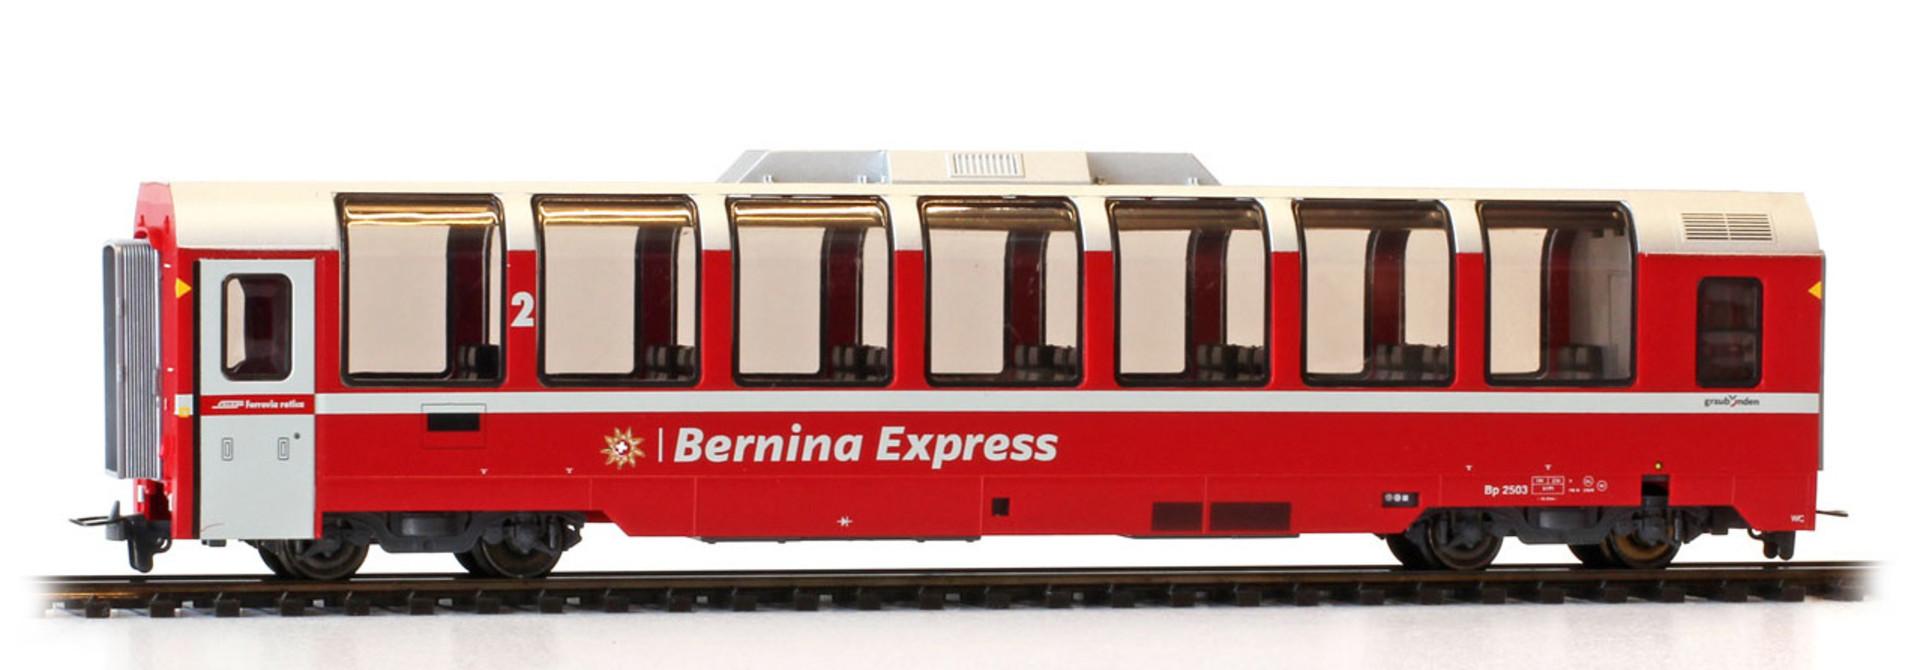 """3294143 RhB Bp 2503 Panoramawagen """"Bernina Express"""""""